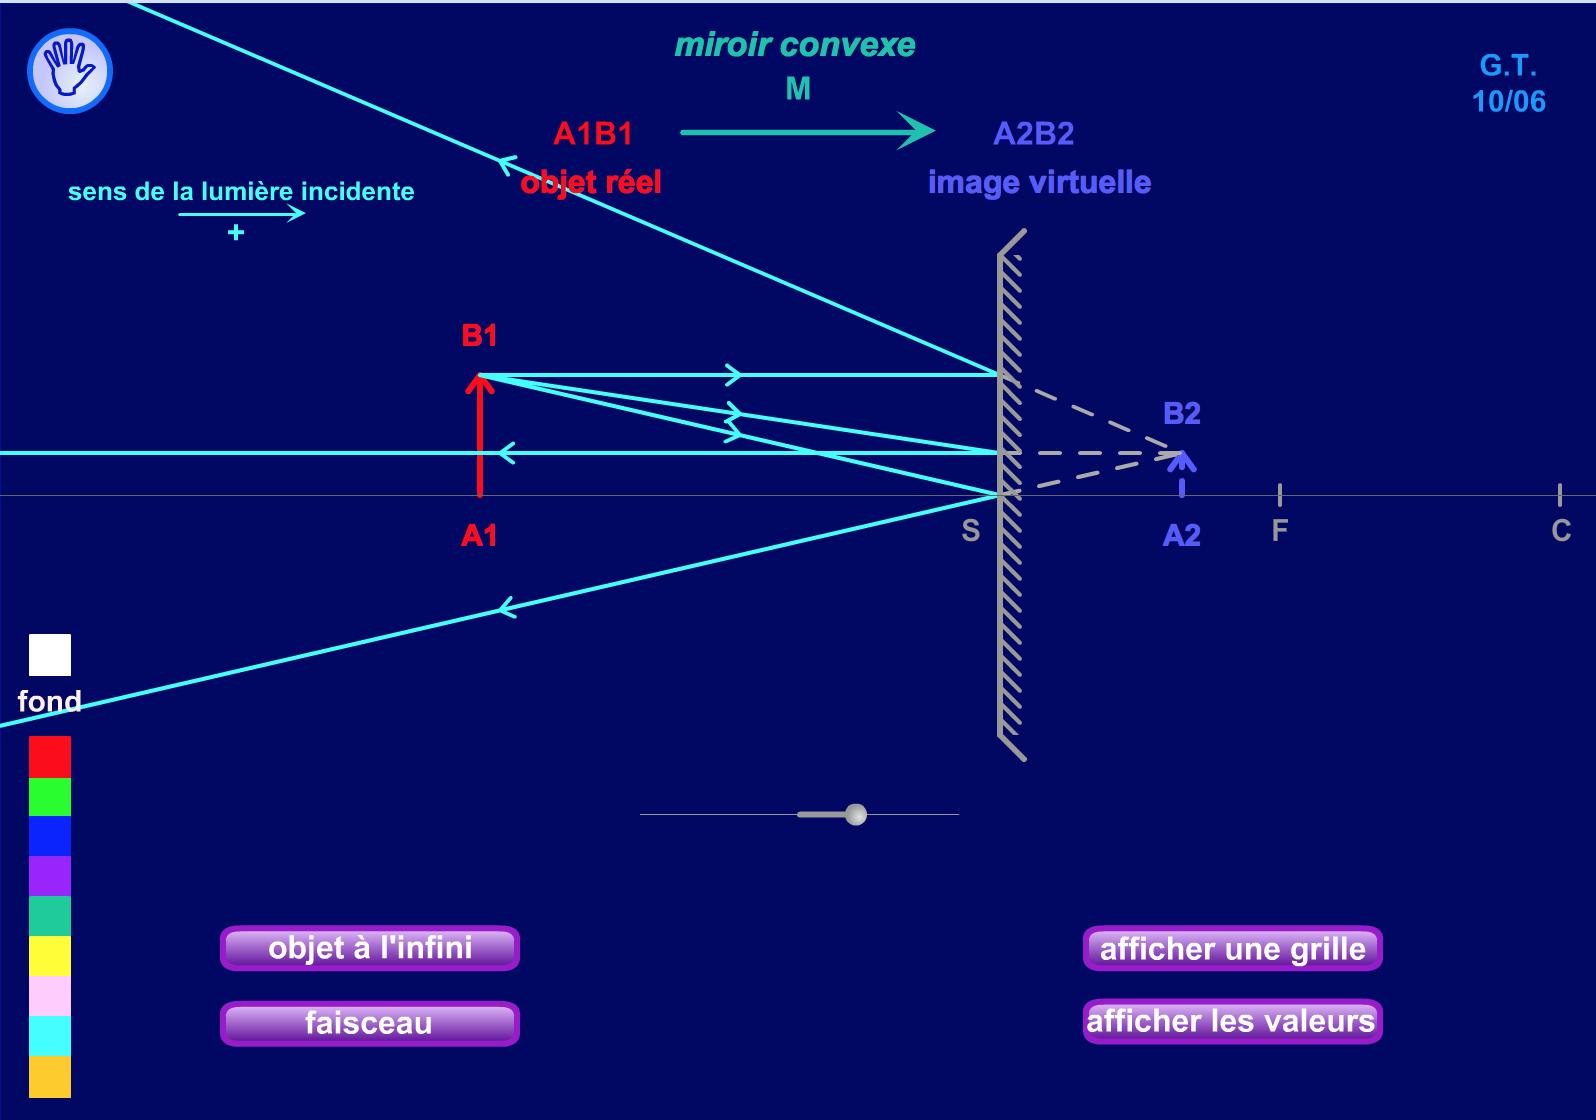 Ucl adphys animations optique r flexion miroir convexe for Miroir convexe